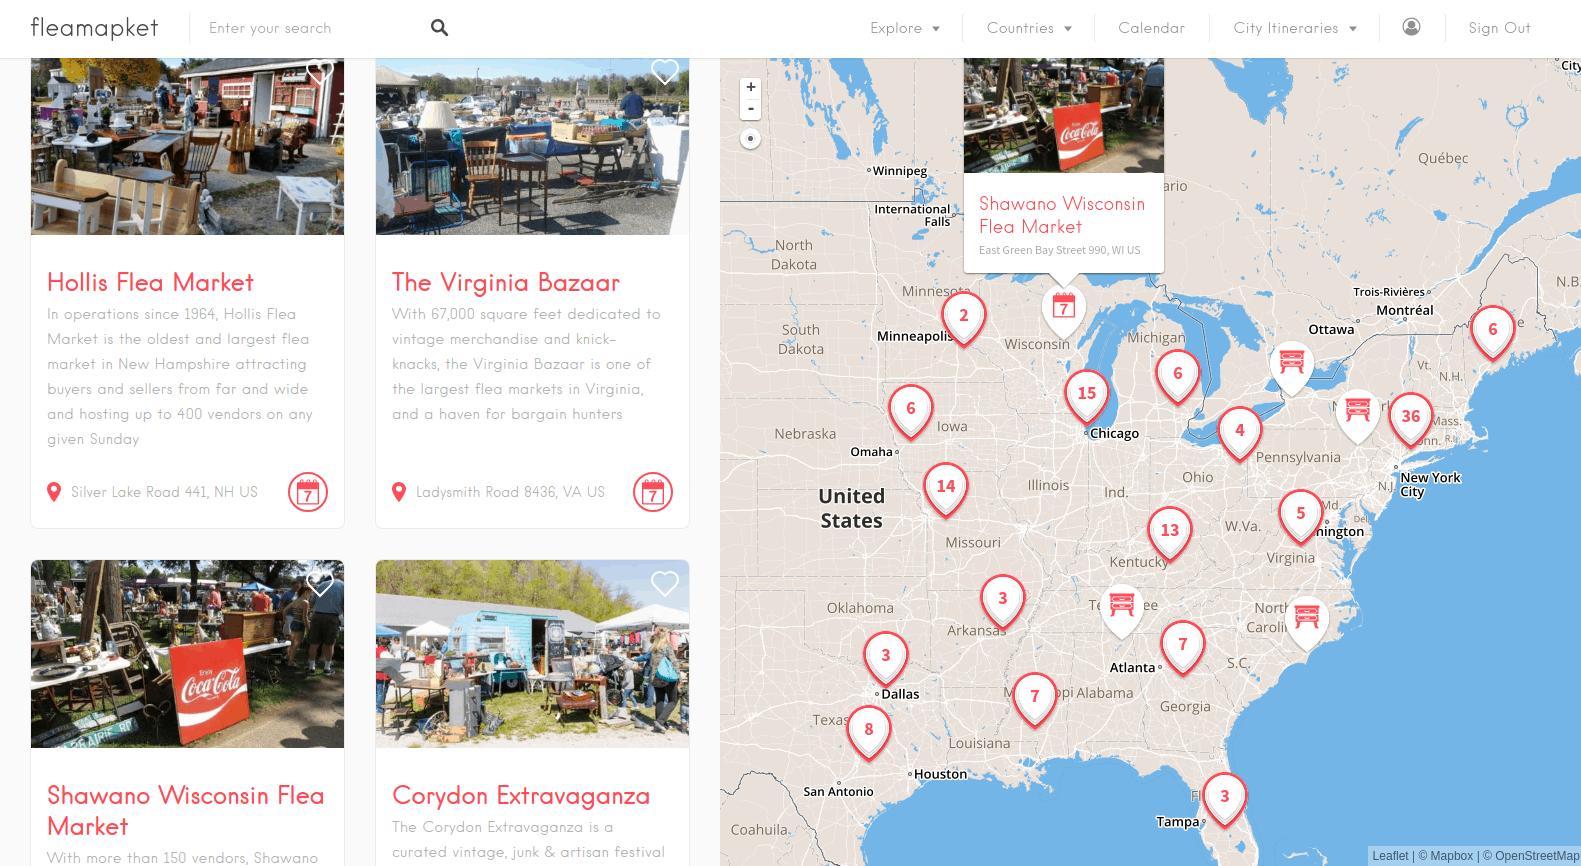 100 best flea markets in the US on a map - Fleamapket